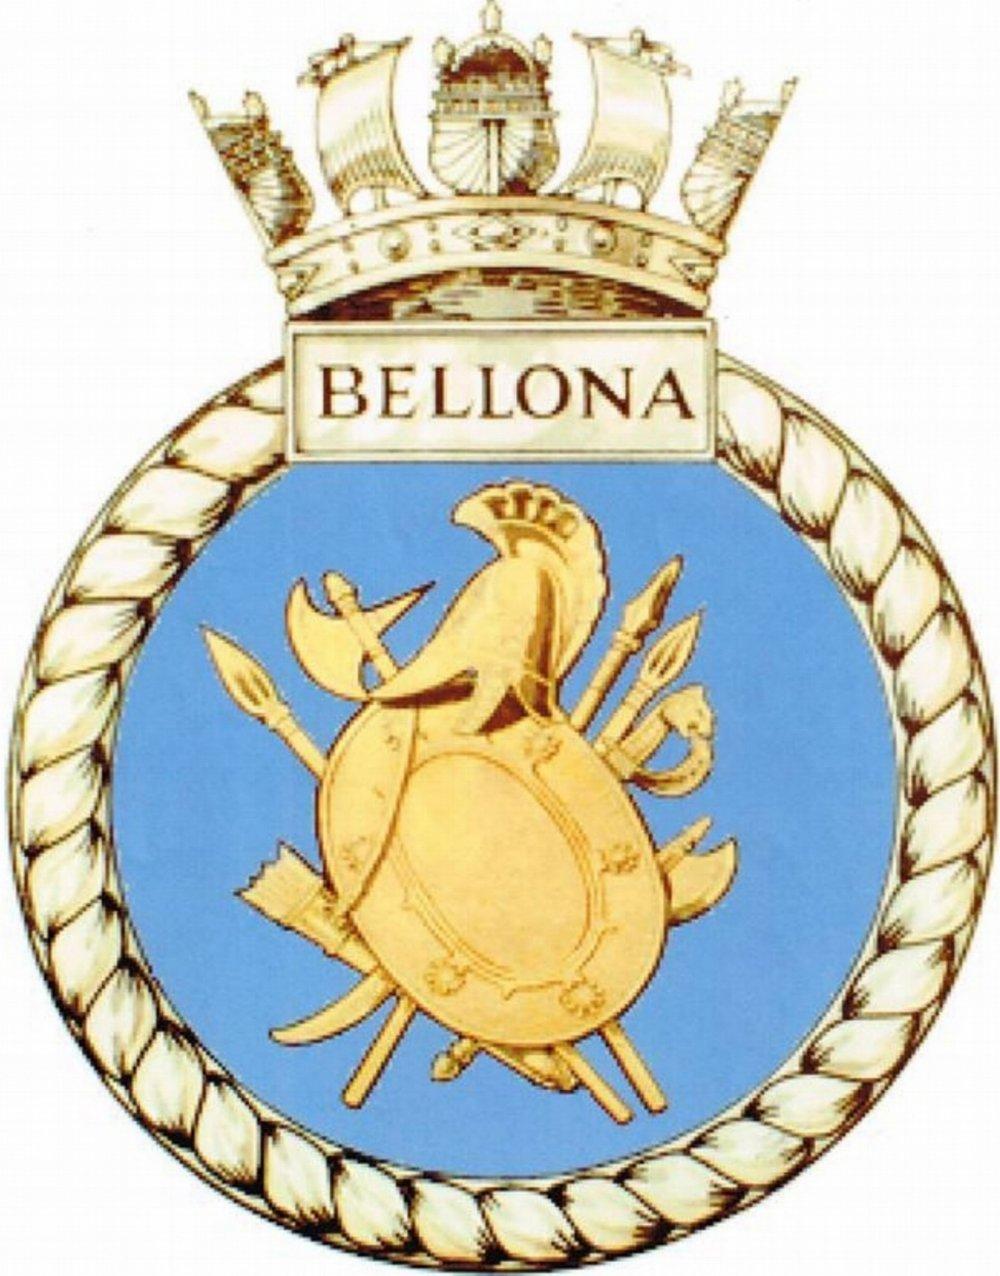 TS Bellona